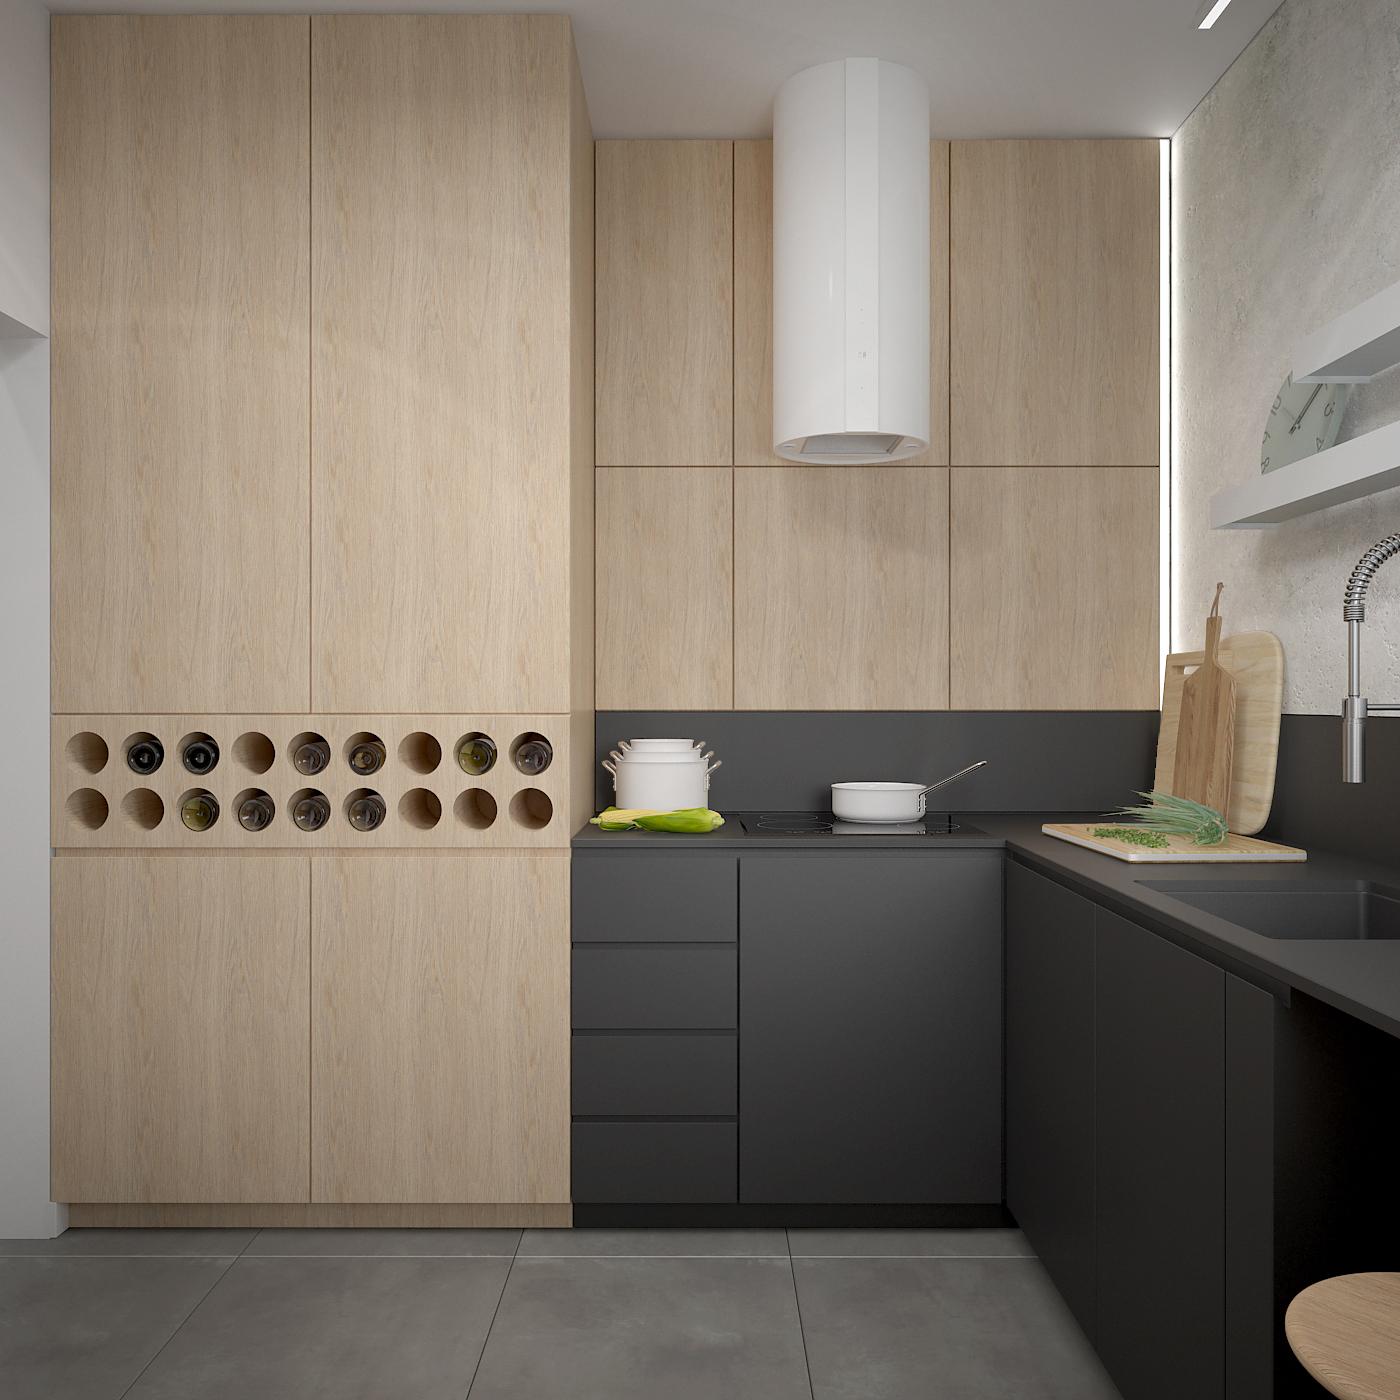 10 projekt wnetrza 537 mieszkanie krakow kuchnia nietypowa polka na wina poloczenie drewna i czarnych frontow okap przyscienny